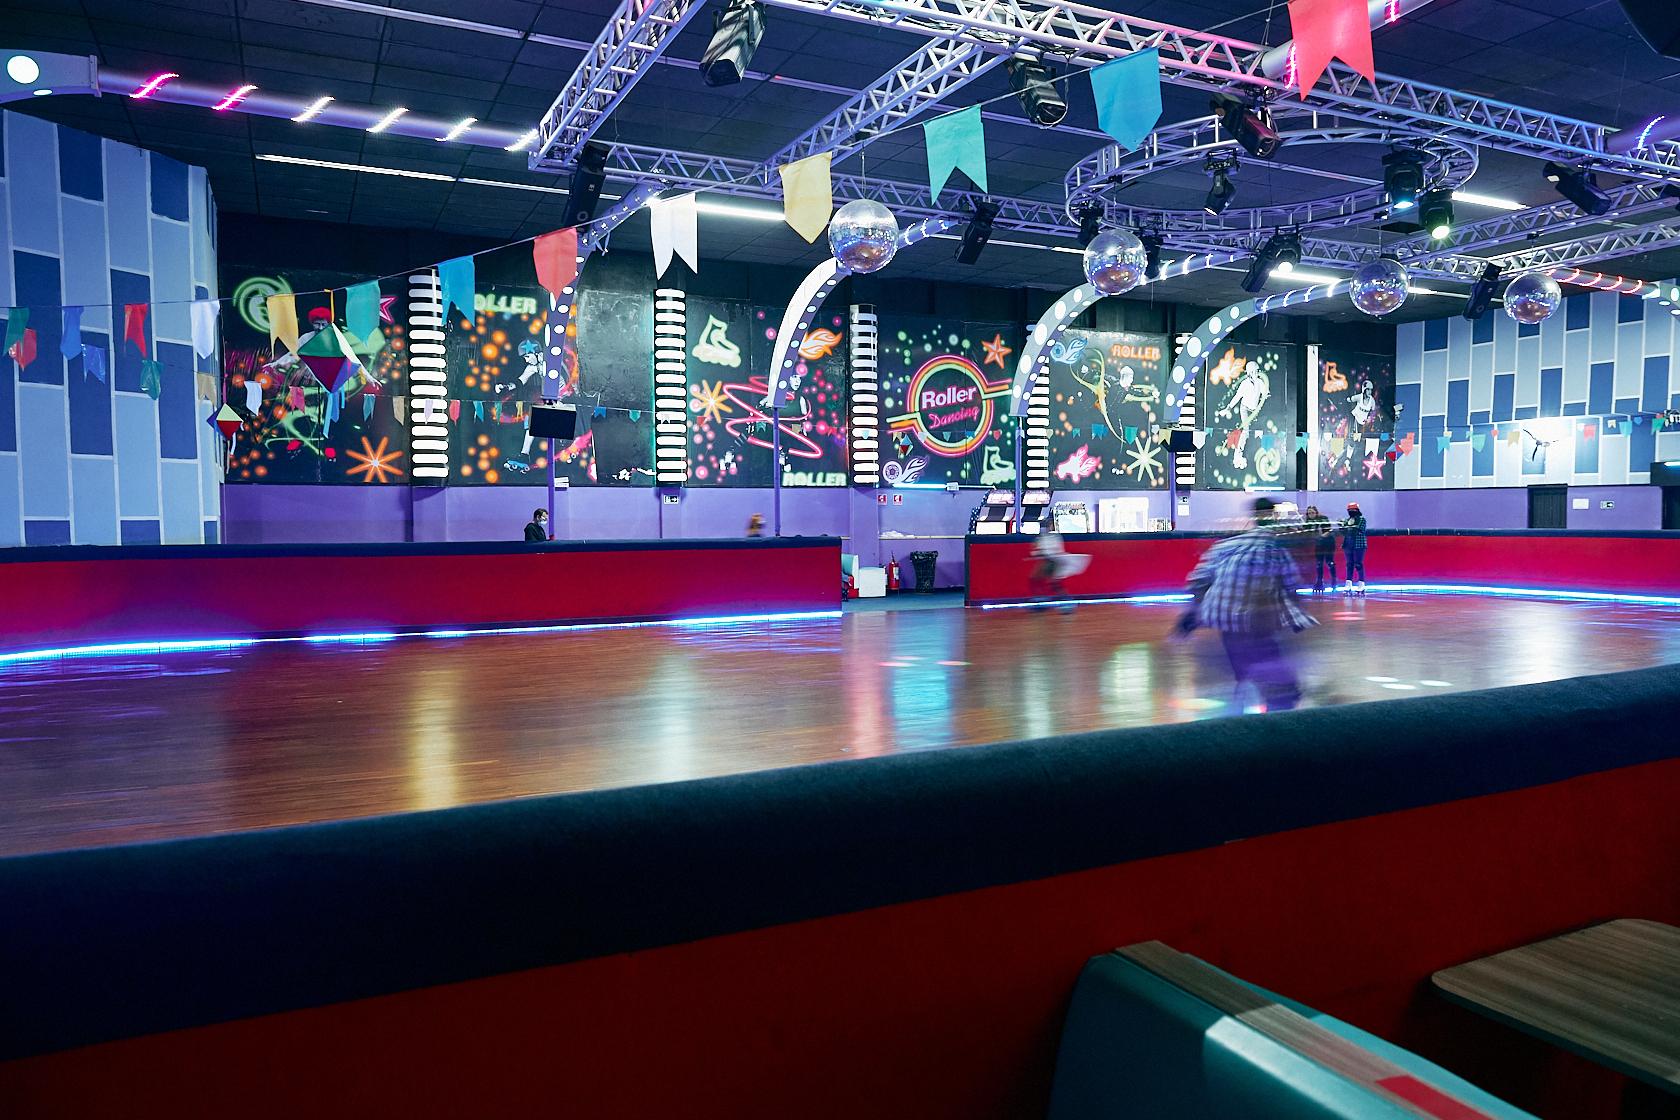 Você tem a chance de voltar no tempo no Roller Dancing, uma charmosa pista de patinação e lanchonete em São Caetano do Sul